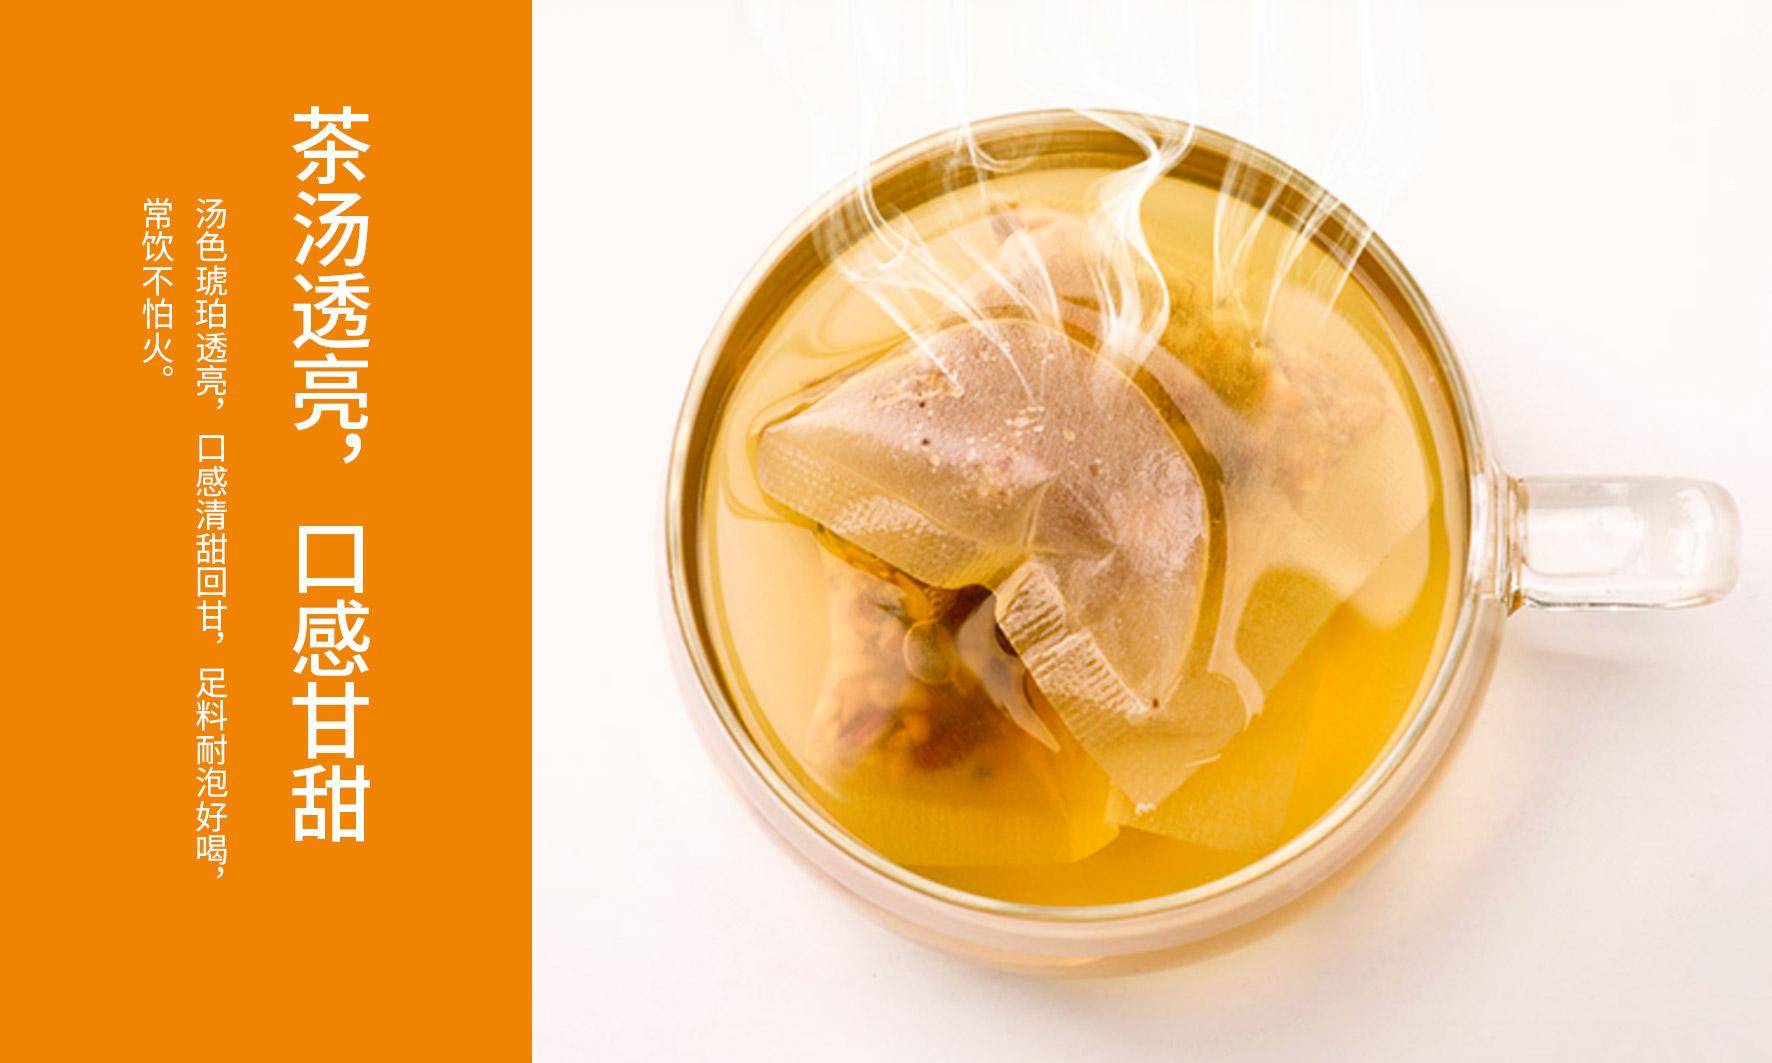 清凉茶修改-图片11